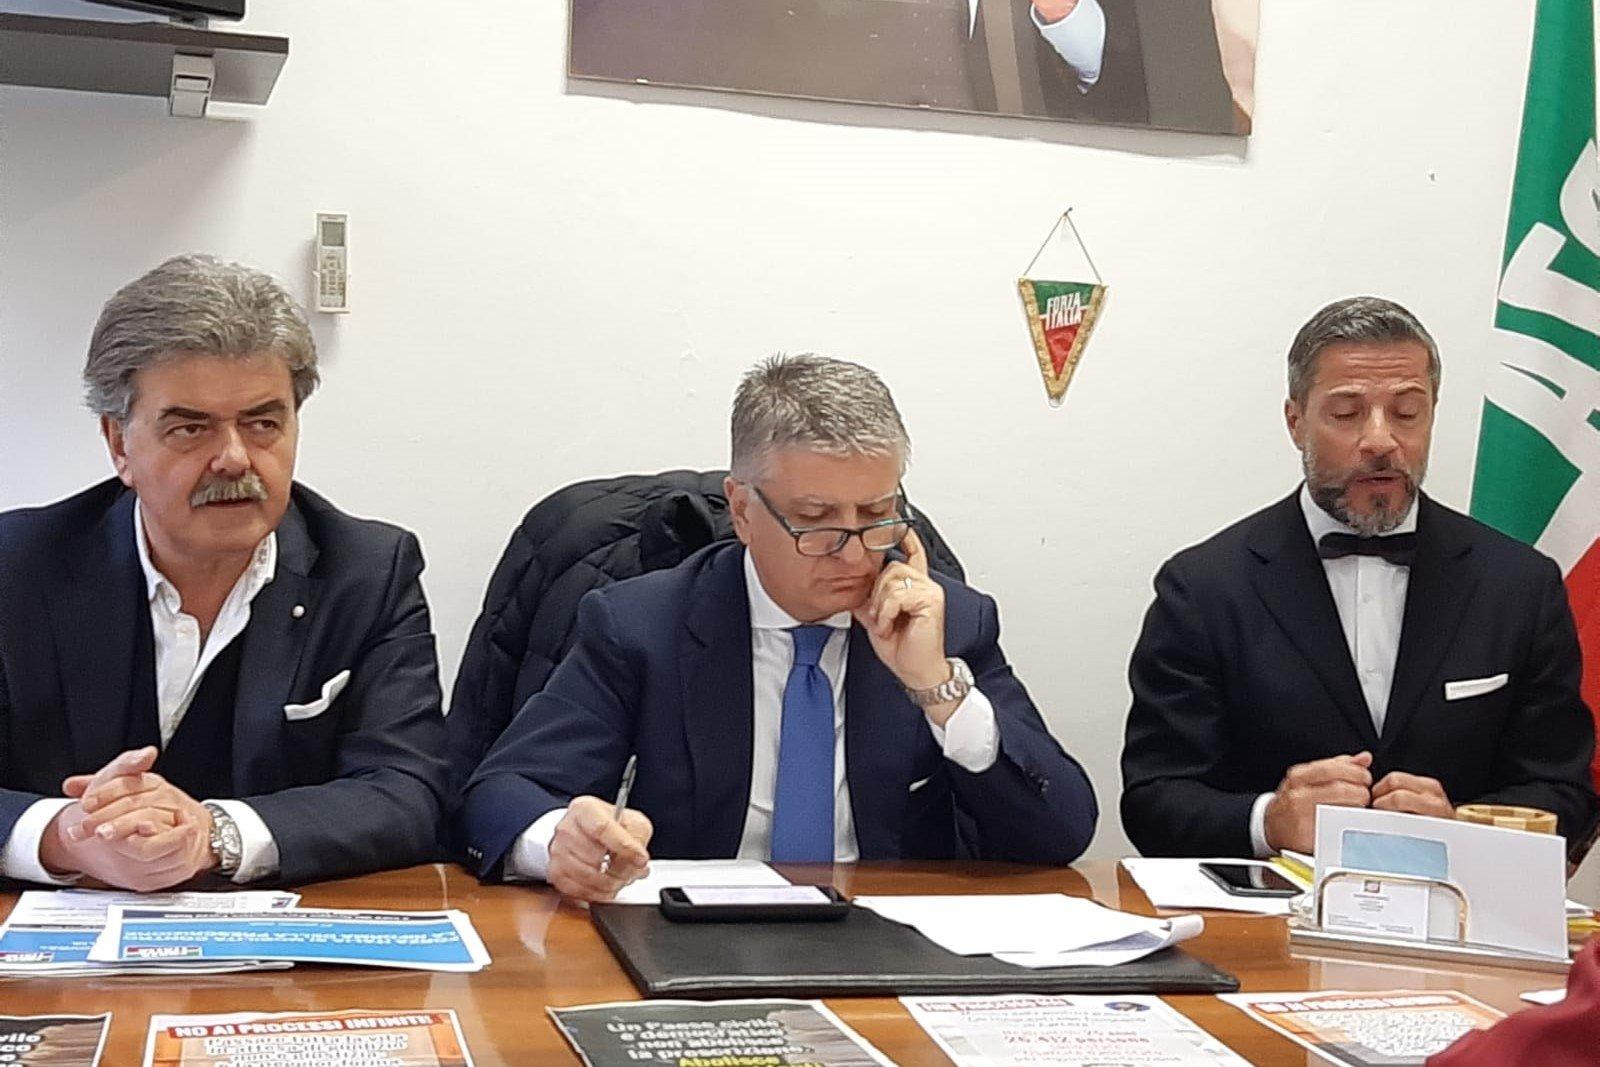 Giustizia e prescrizione, Forza Italia a Lucca si mobilita